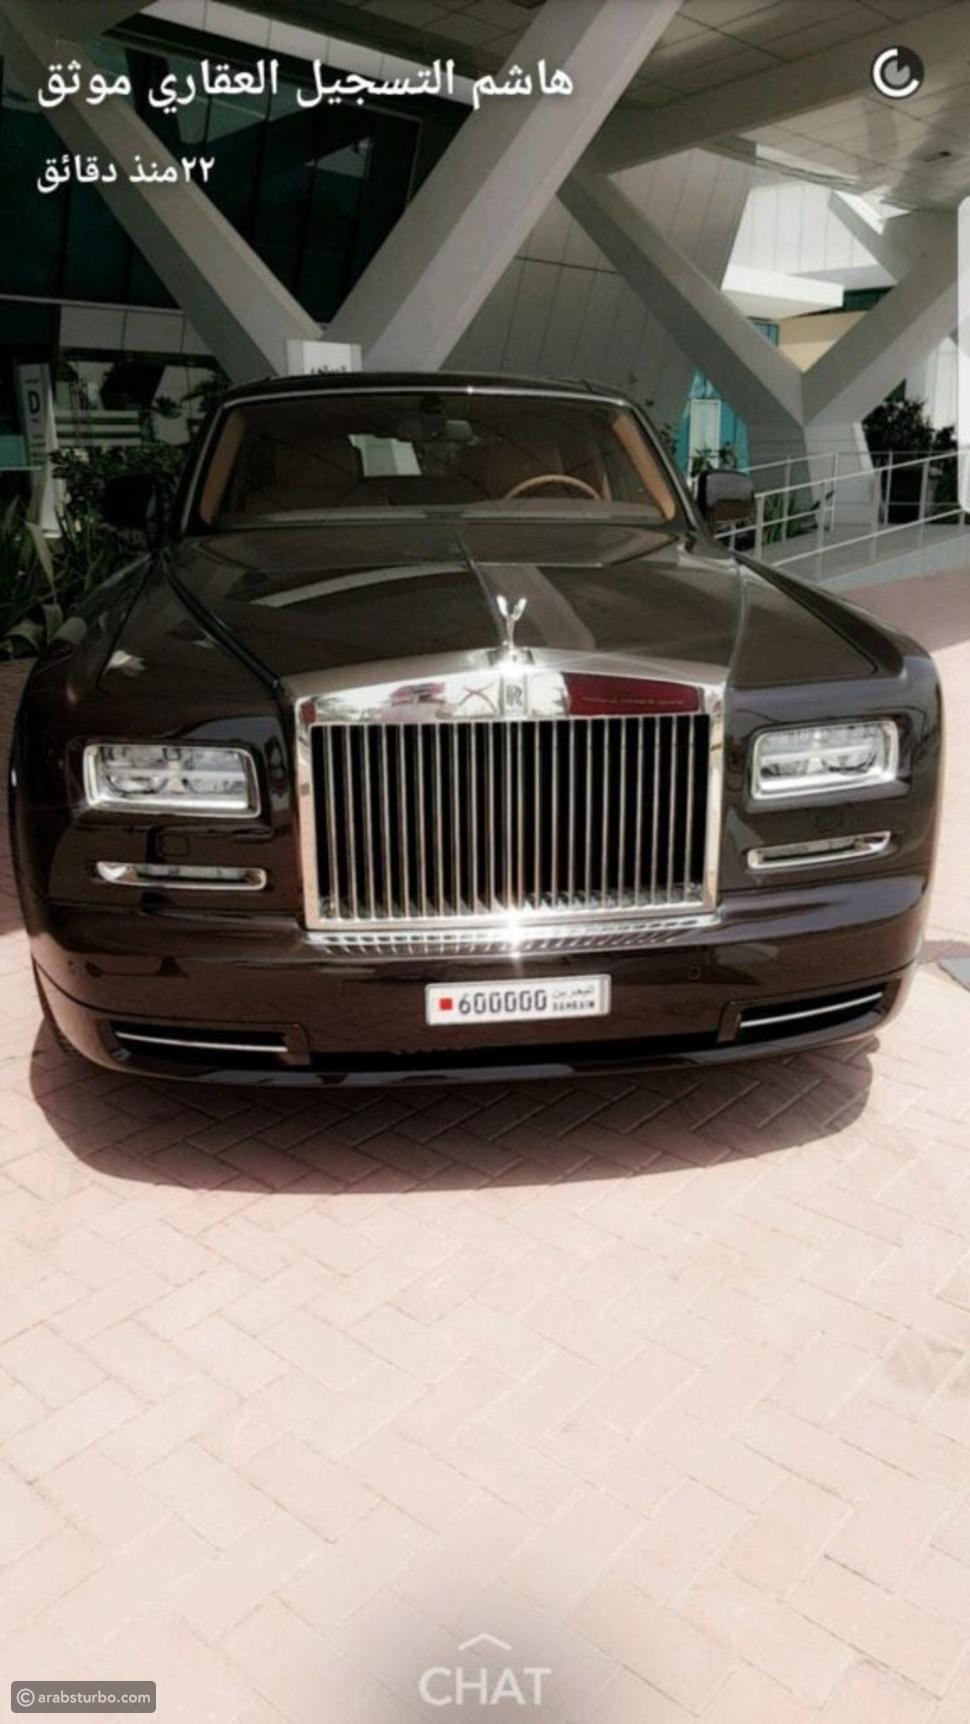 فيديو رجل أعمال يشتري لوحات سيارات بحرينية بخمسة مليون ريال!